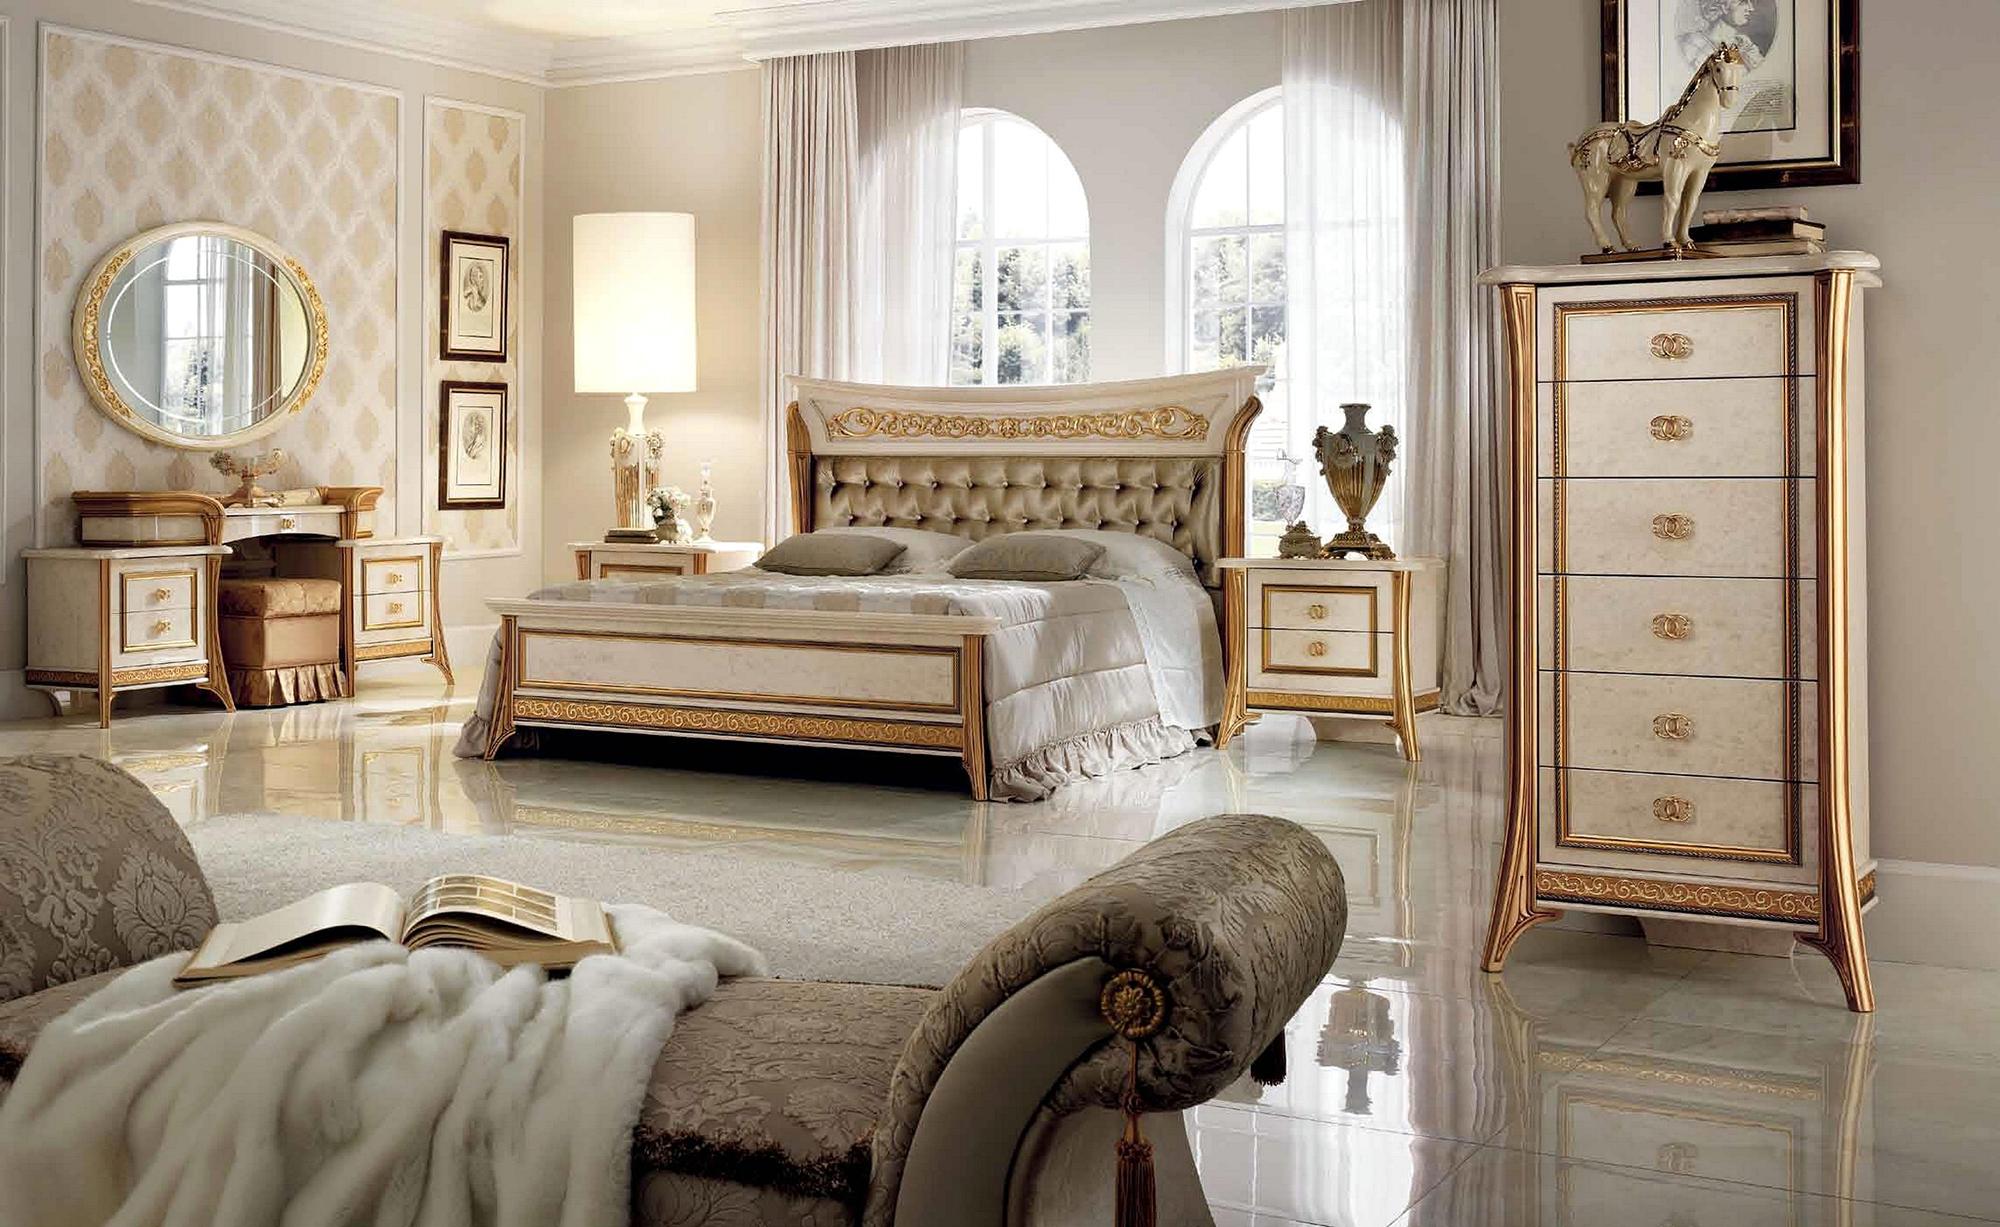 Глянцевая плитка в спальне в итальянском стиле